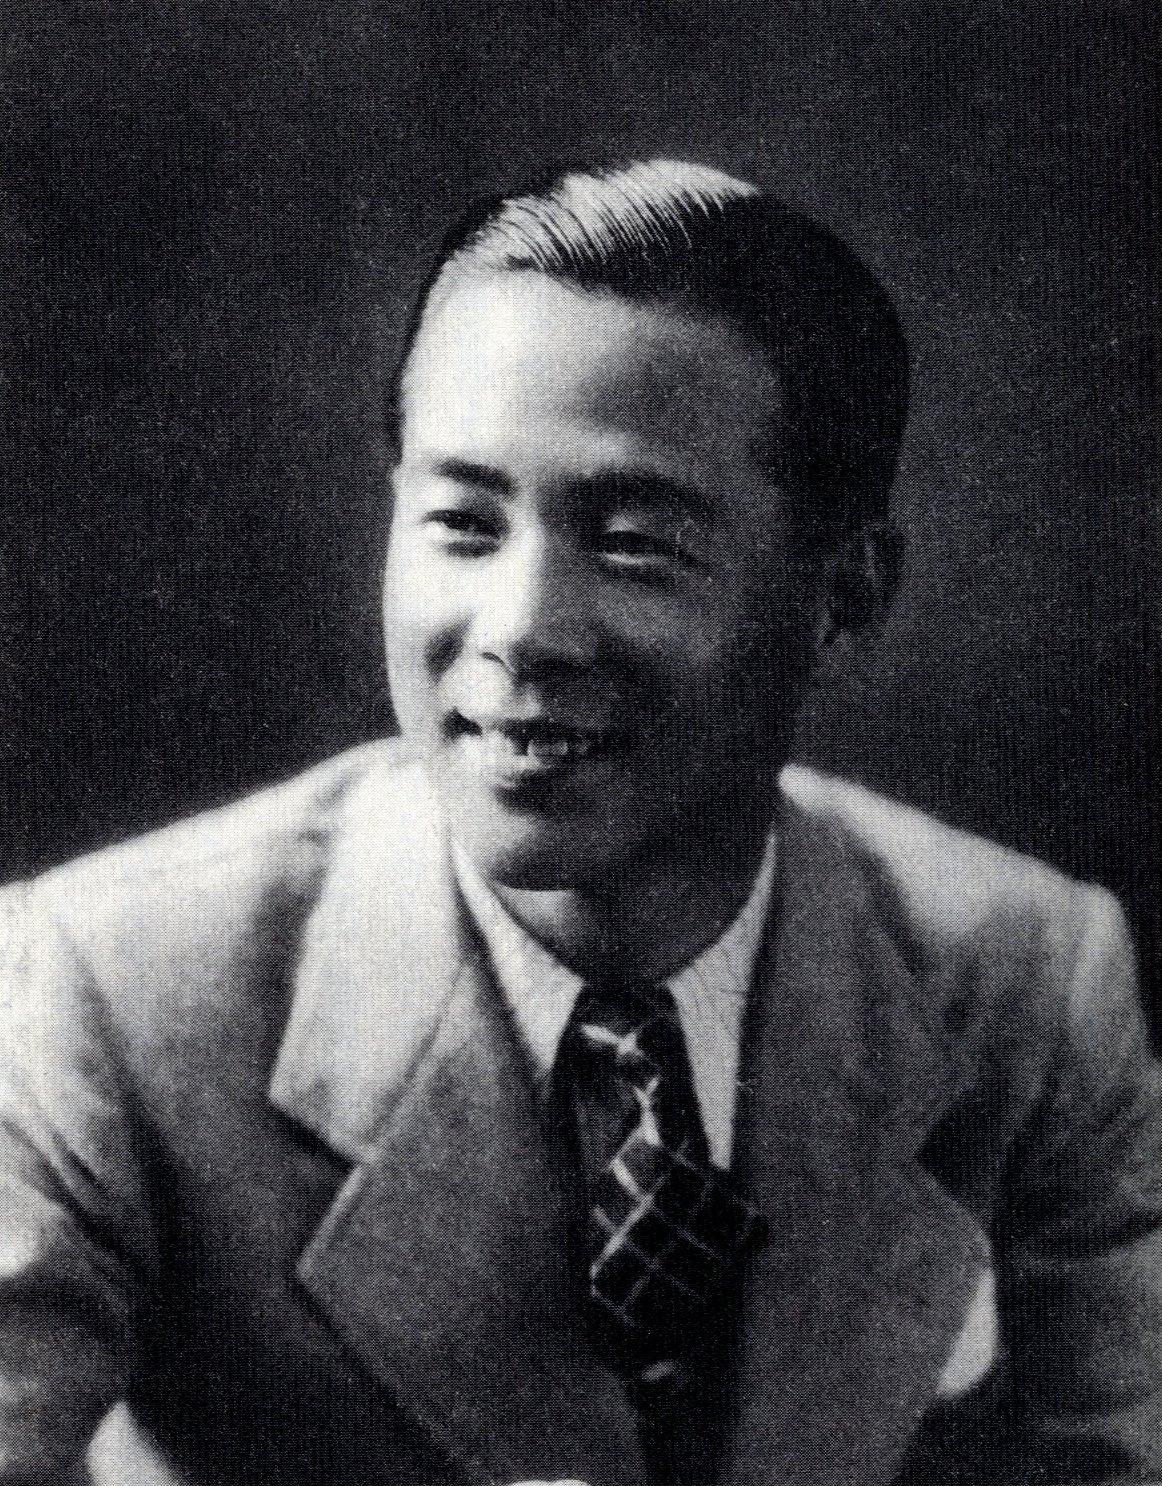 藤山一郎の画像 p1_8